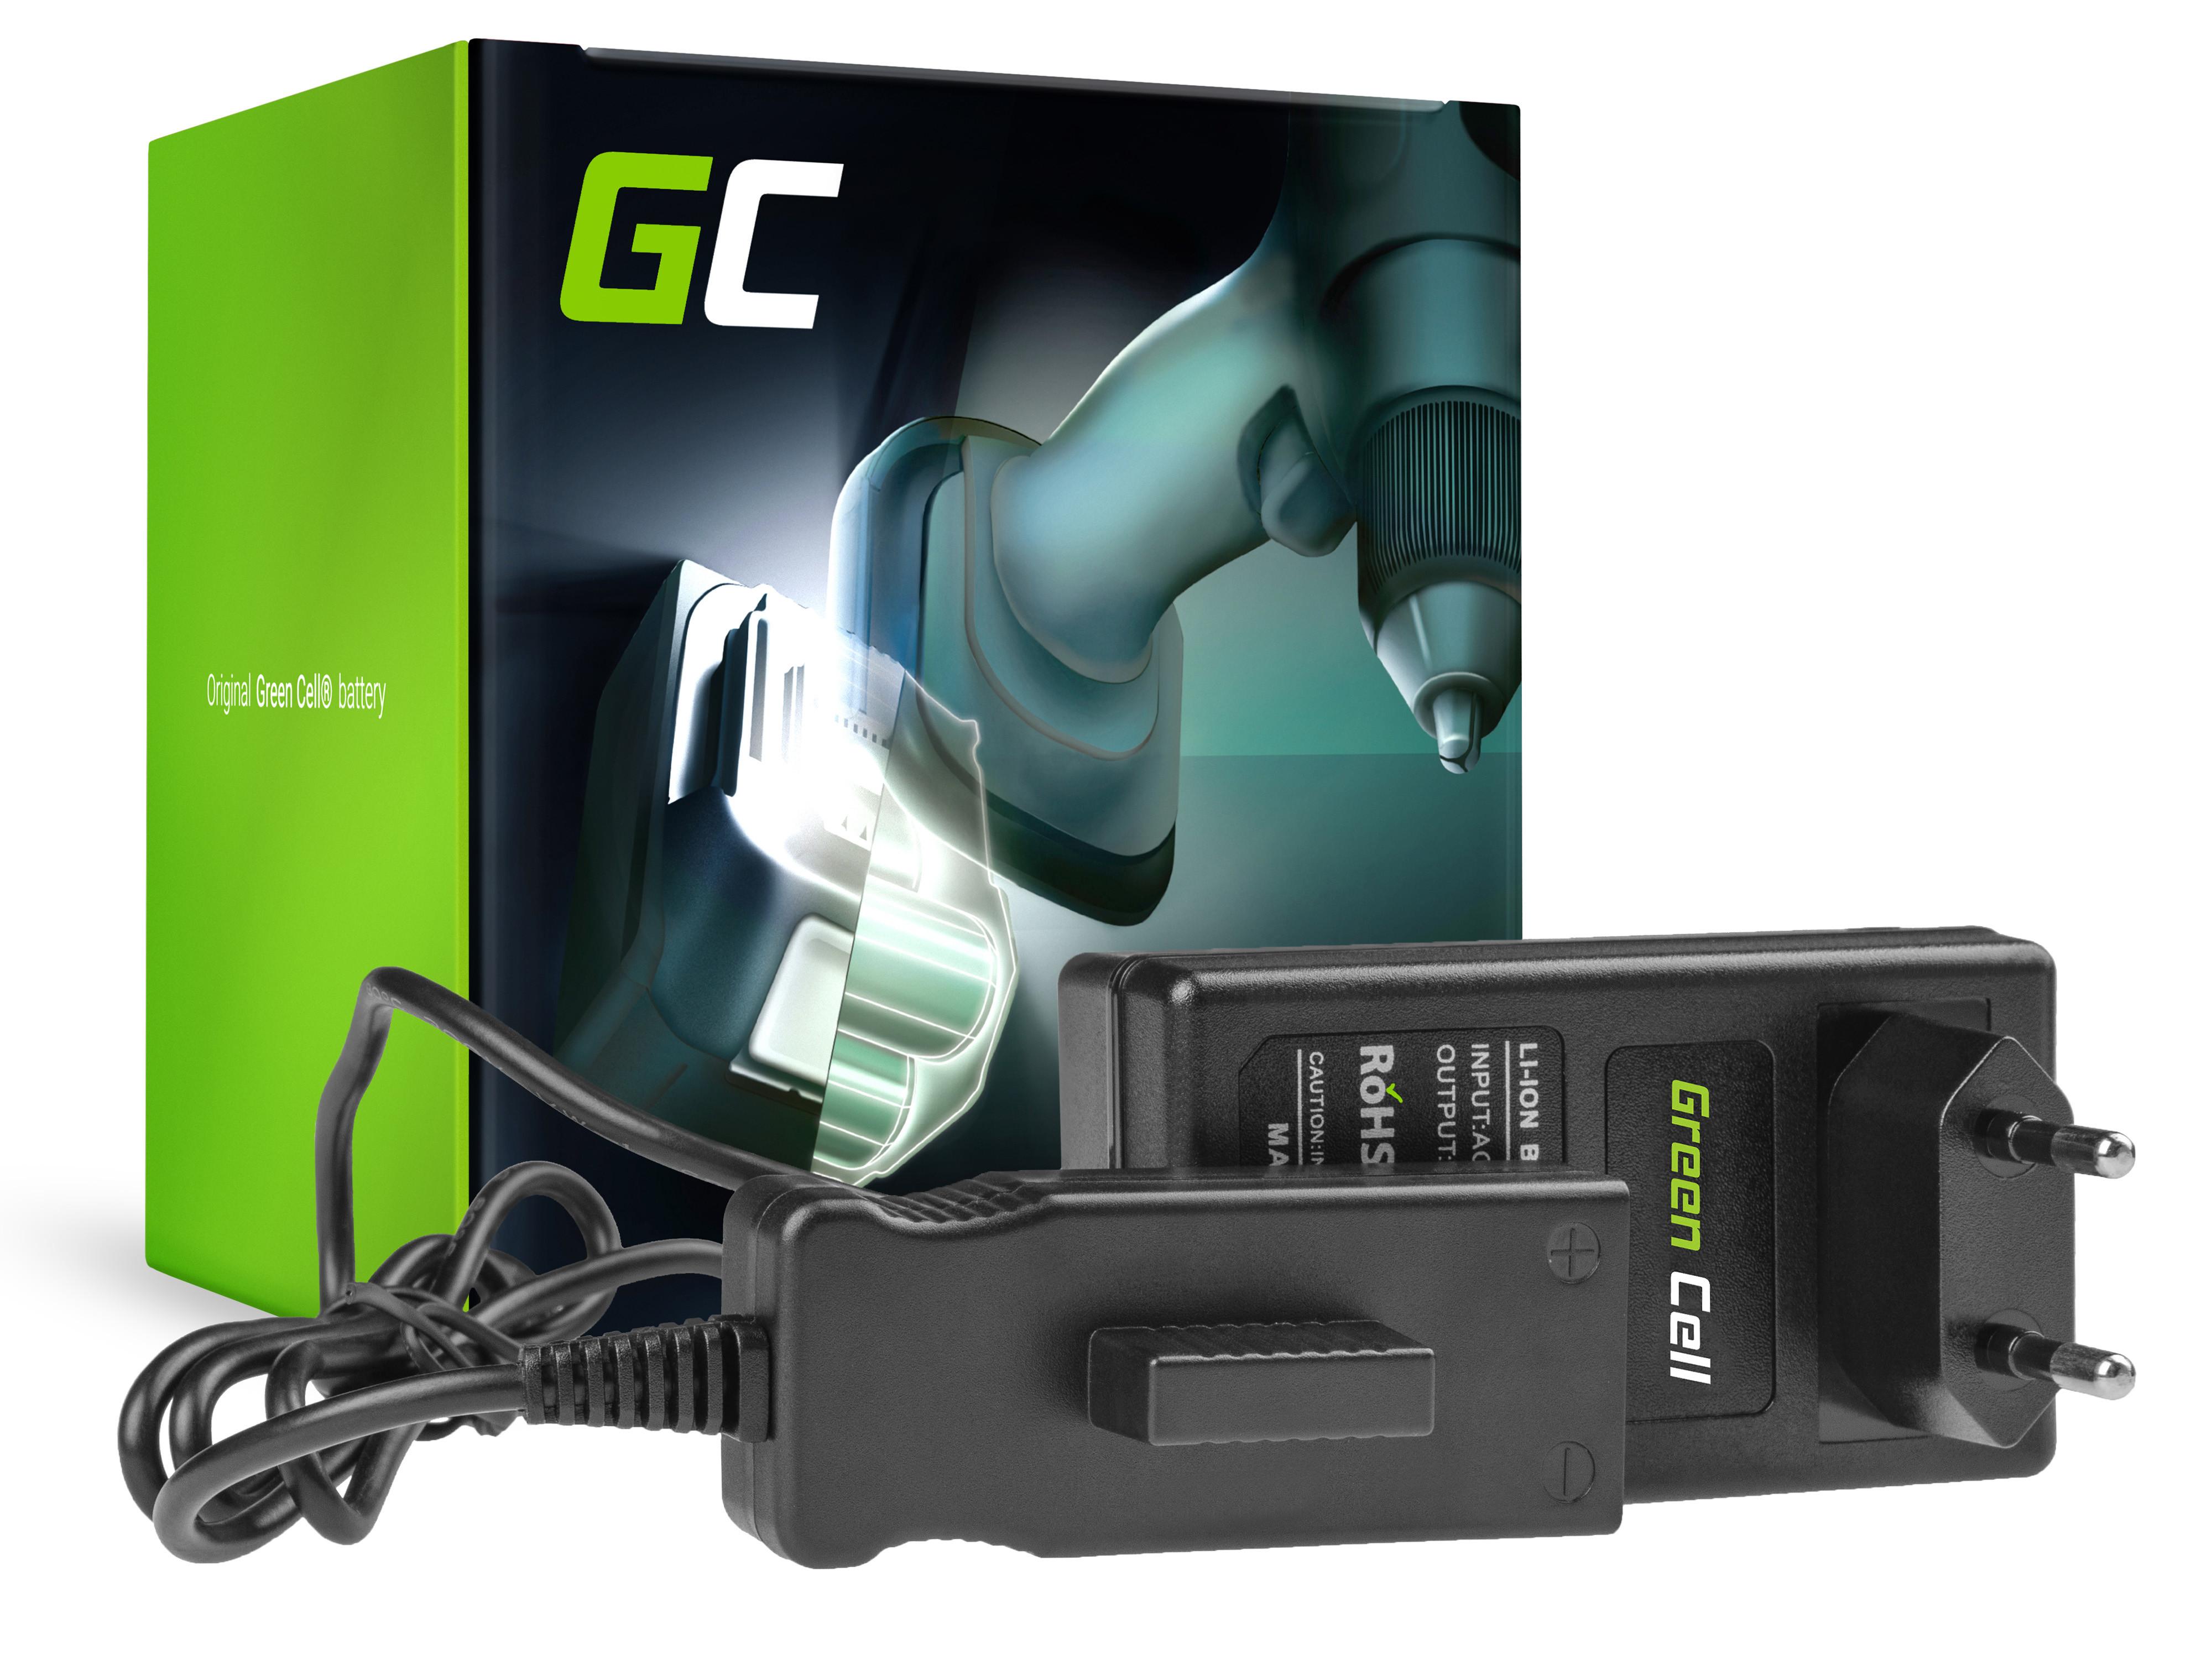 Green Cell CHARGPT11 Nabíječka pro Gardena 4025-00 04025-20 08838-20 8838-20 8838 8838-U 8838U 4025 4025-20 380EC 380LI 25V